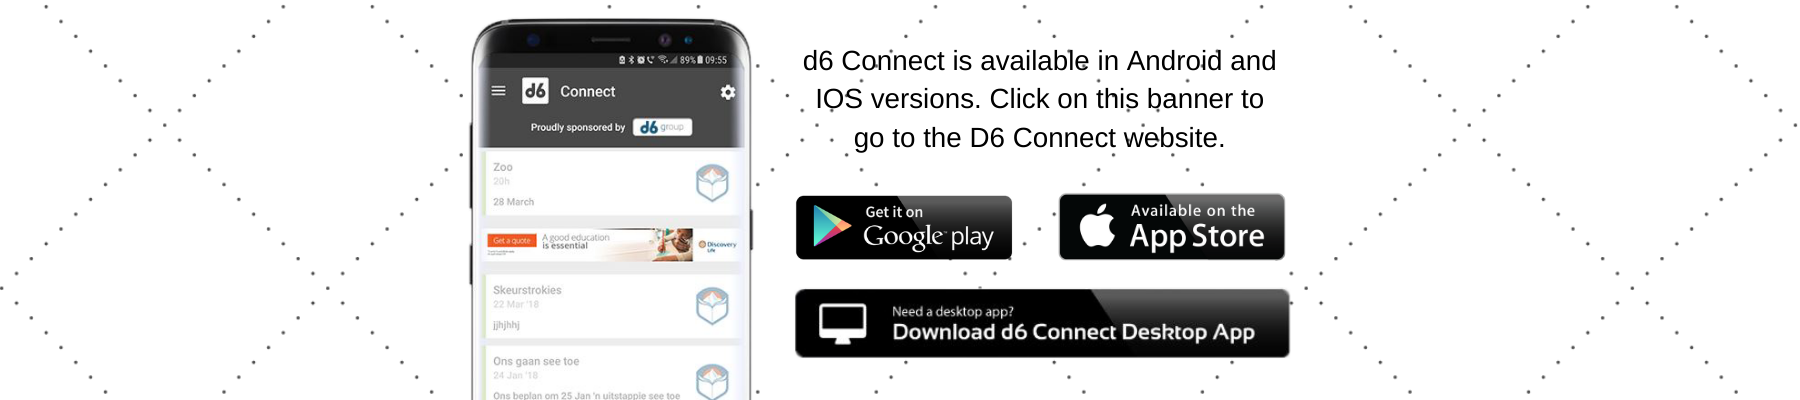 d6 Connect